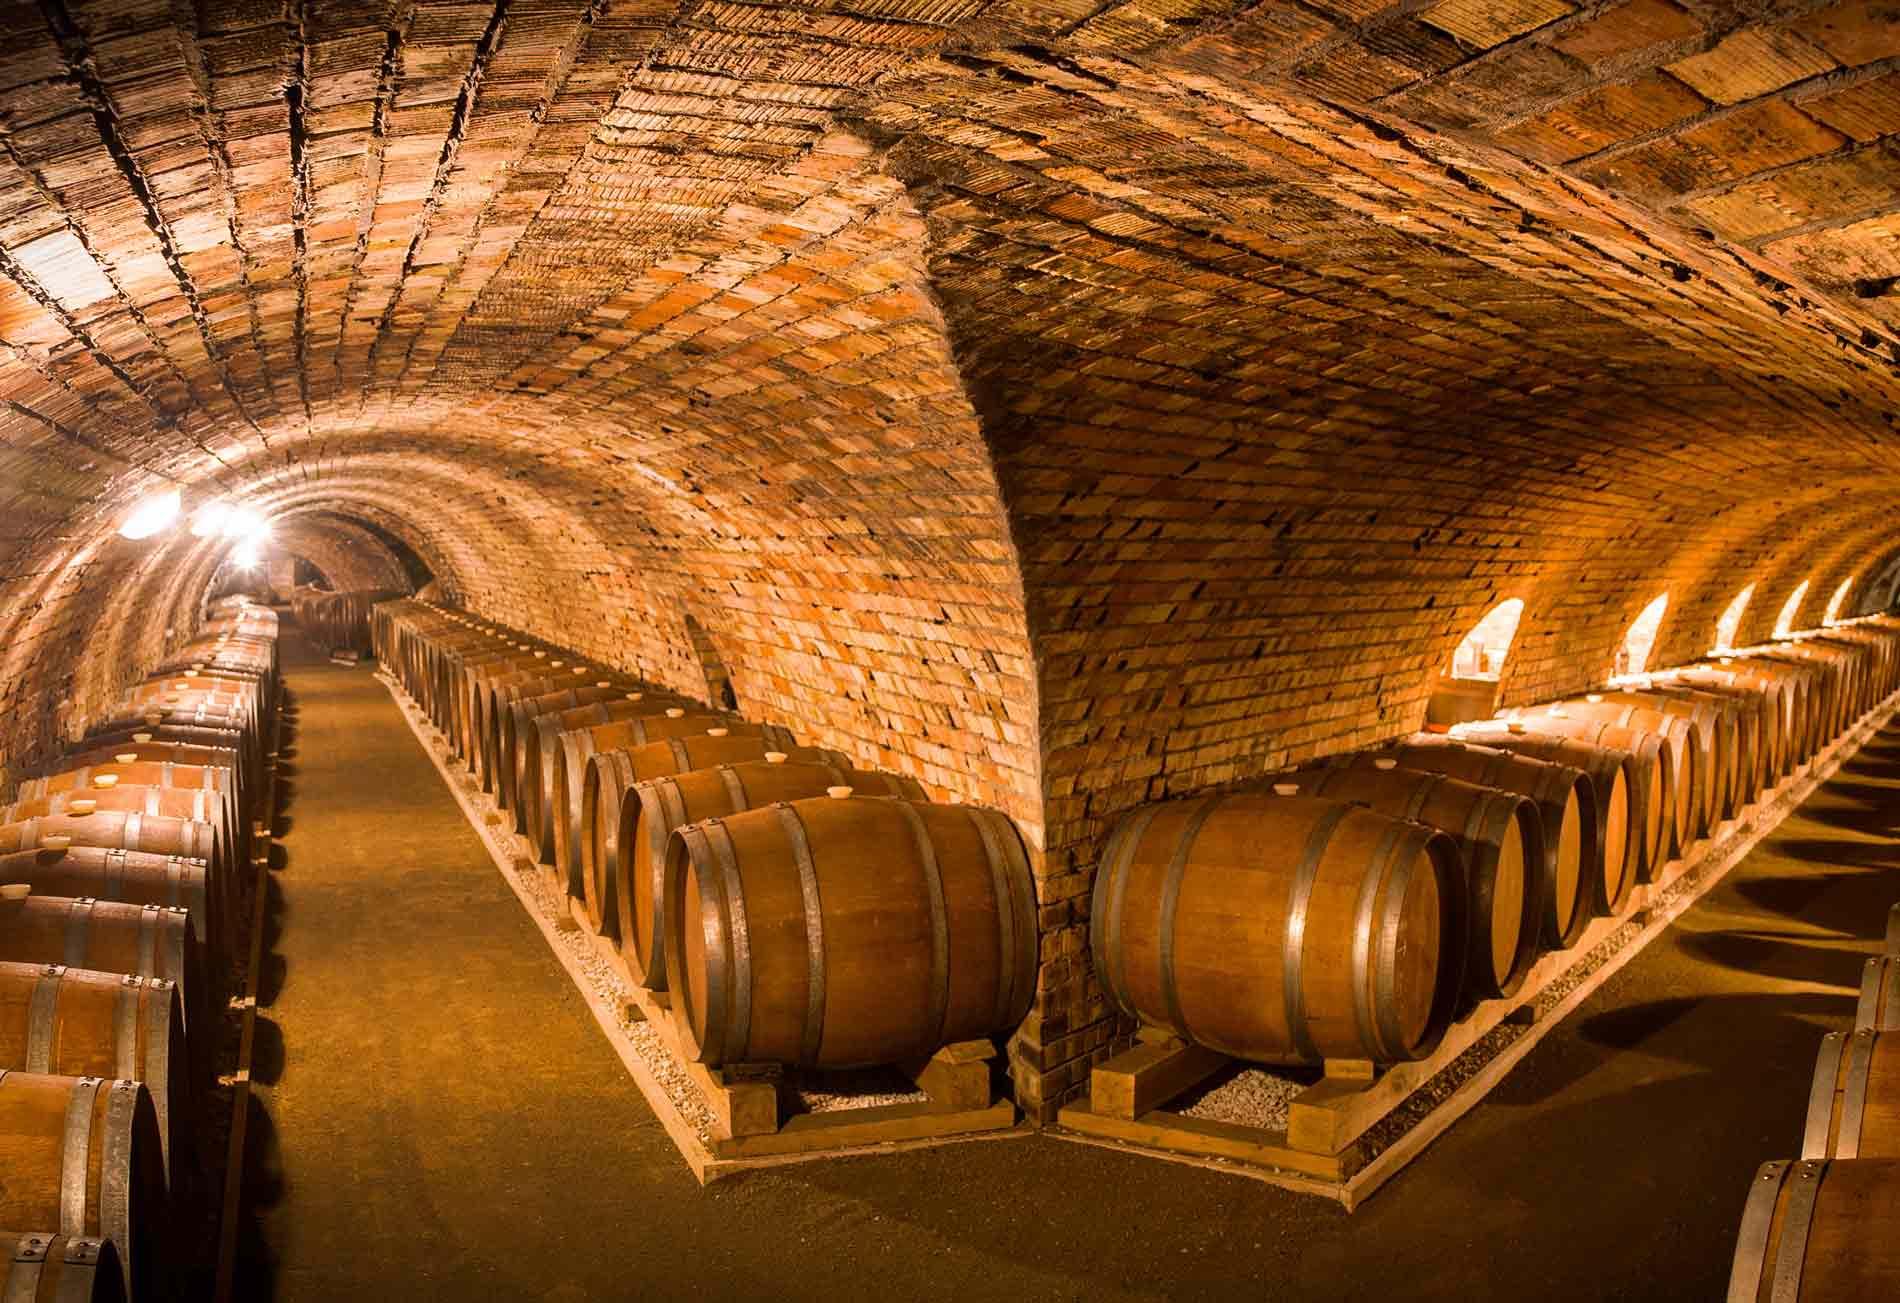 Cementerios del vino, 7 bodegas únicas donde descansan tesoros